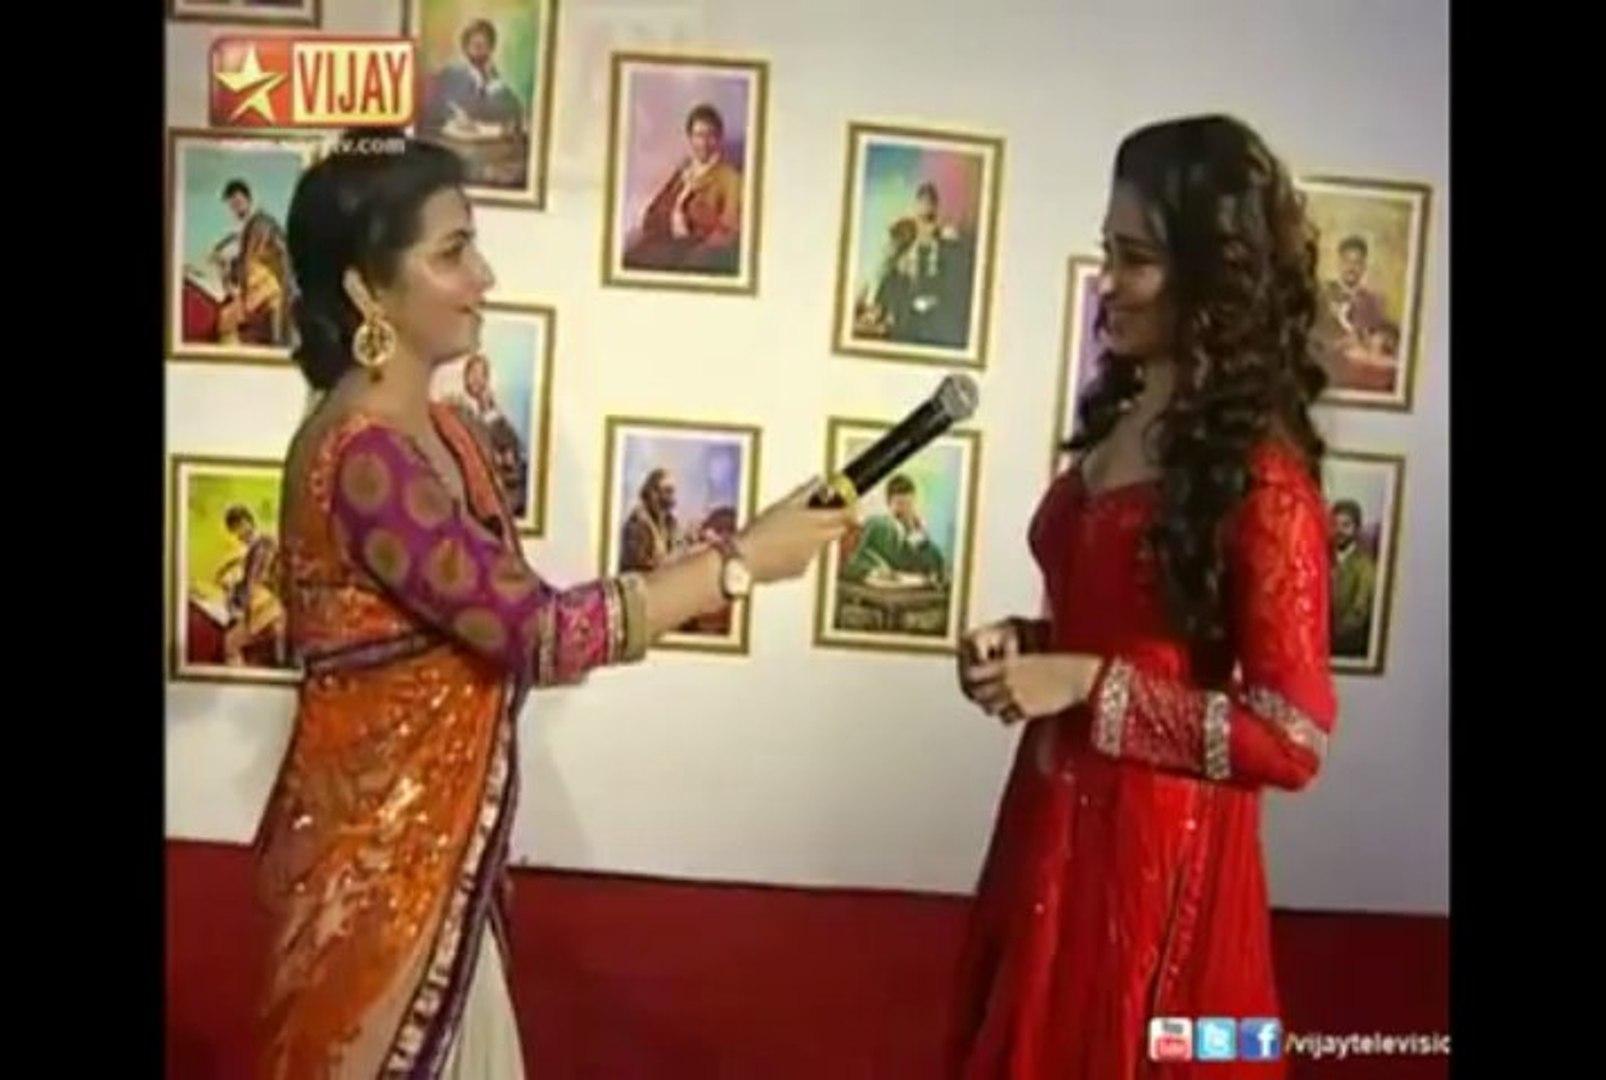 Tamannaah at Vijay Awards 2013 Red Carpet